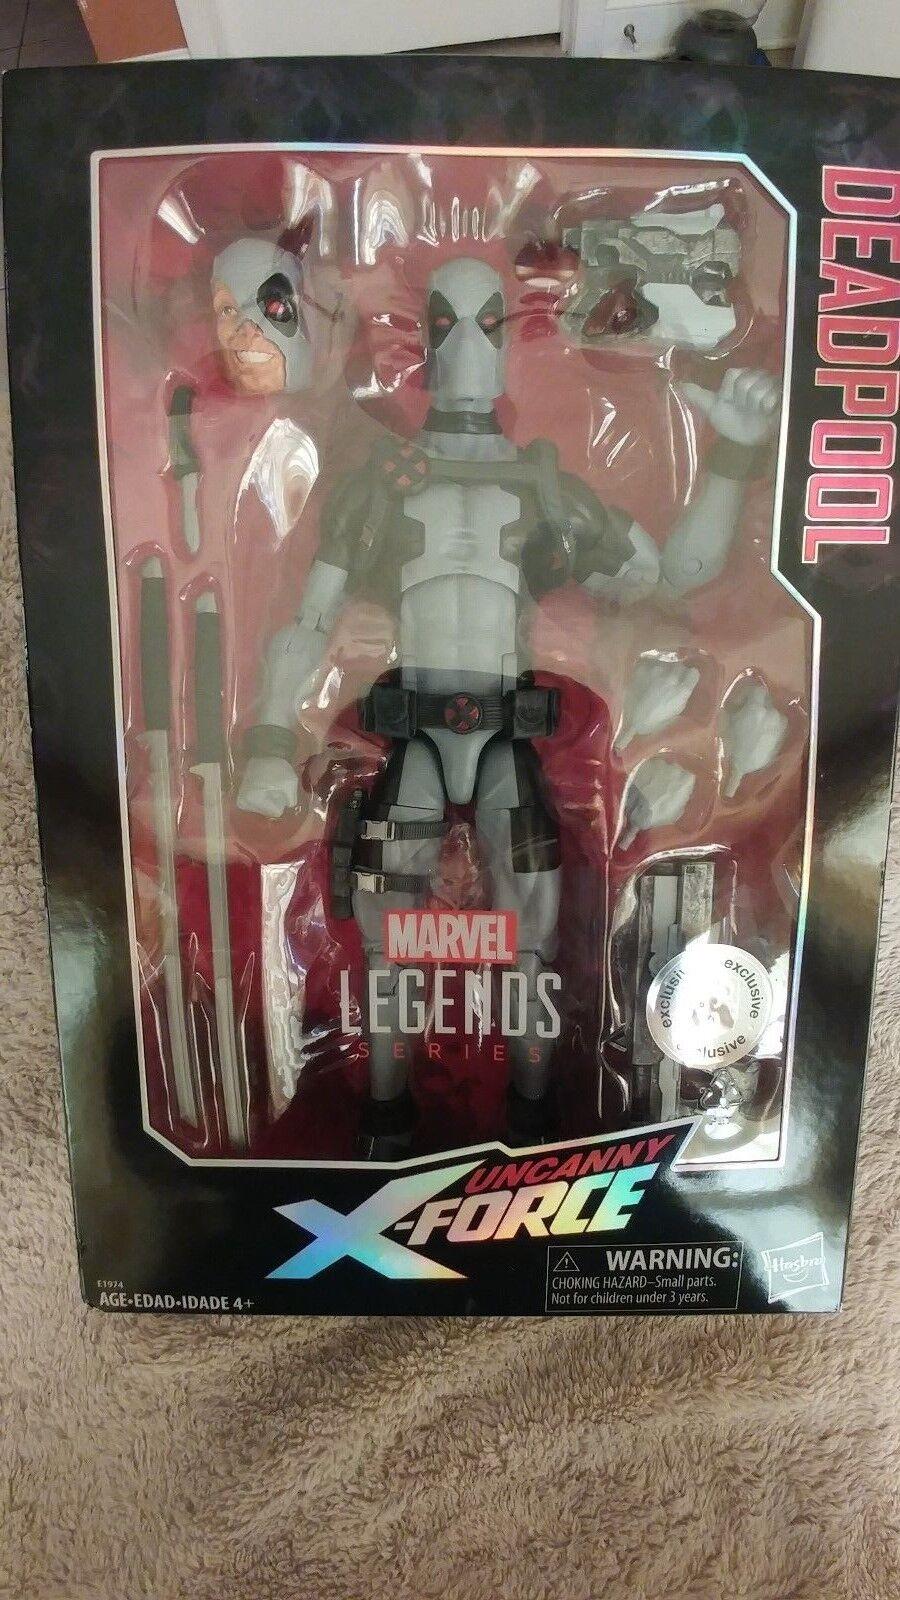 Marvel - legenden für deadpool 12 - inch x - force grauen unheimlich toys r us   tru exklusiv